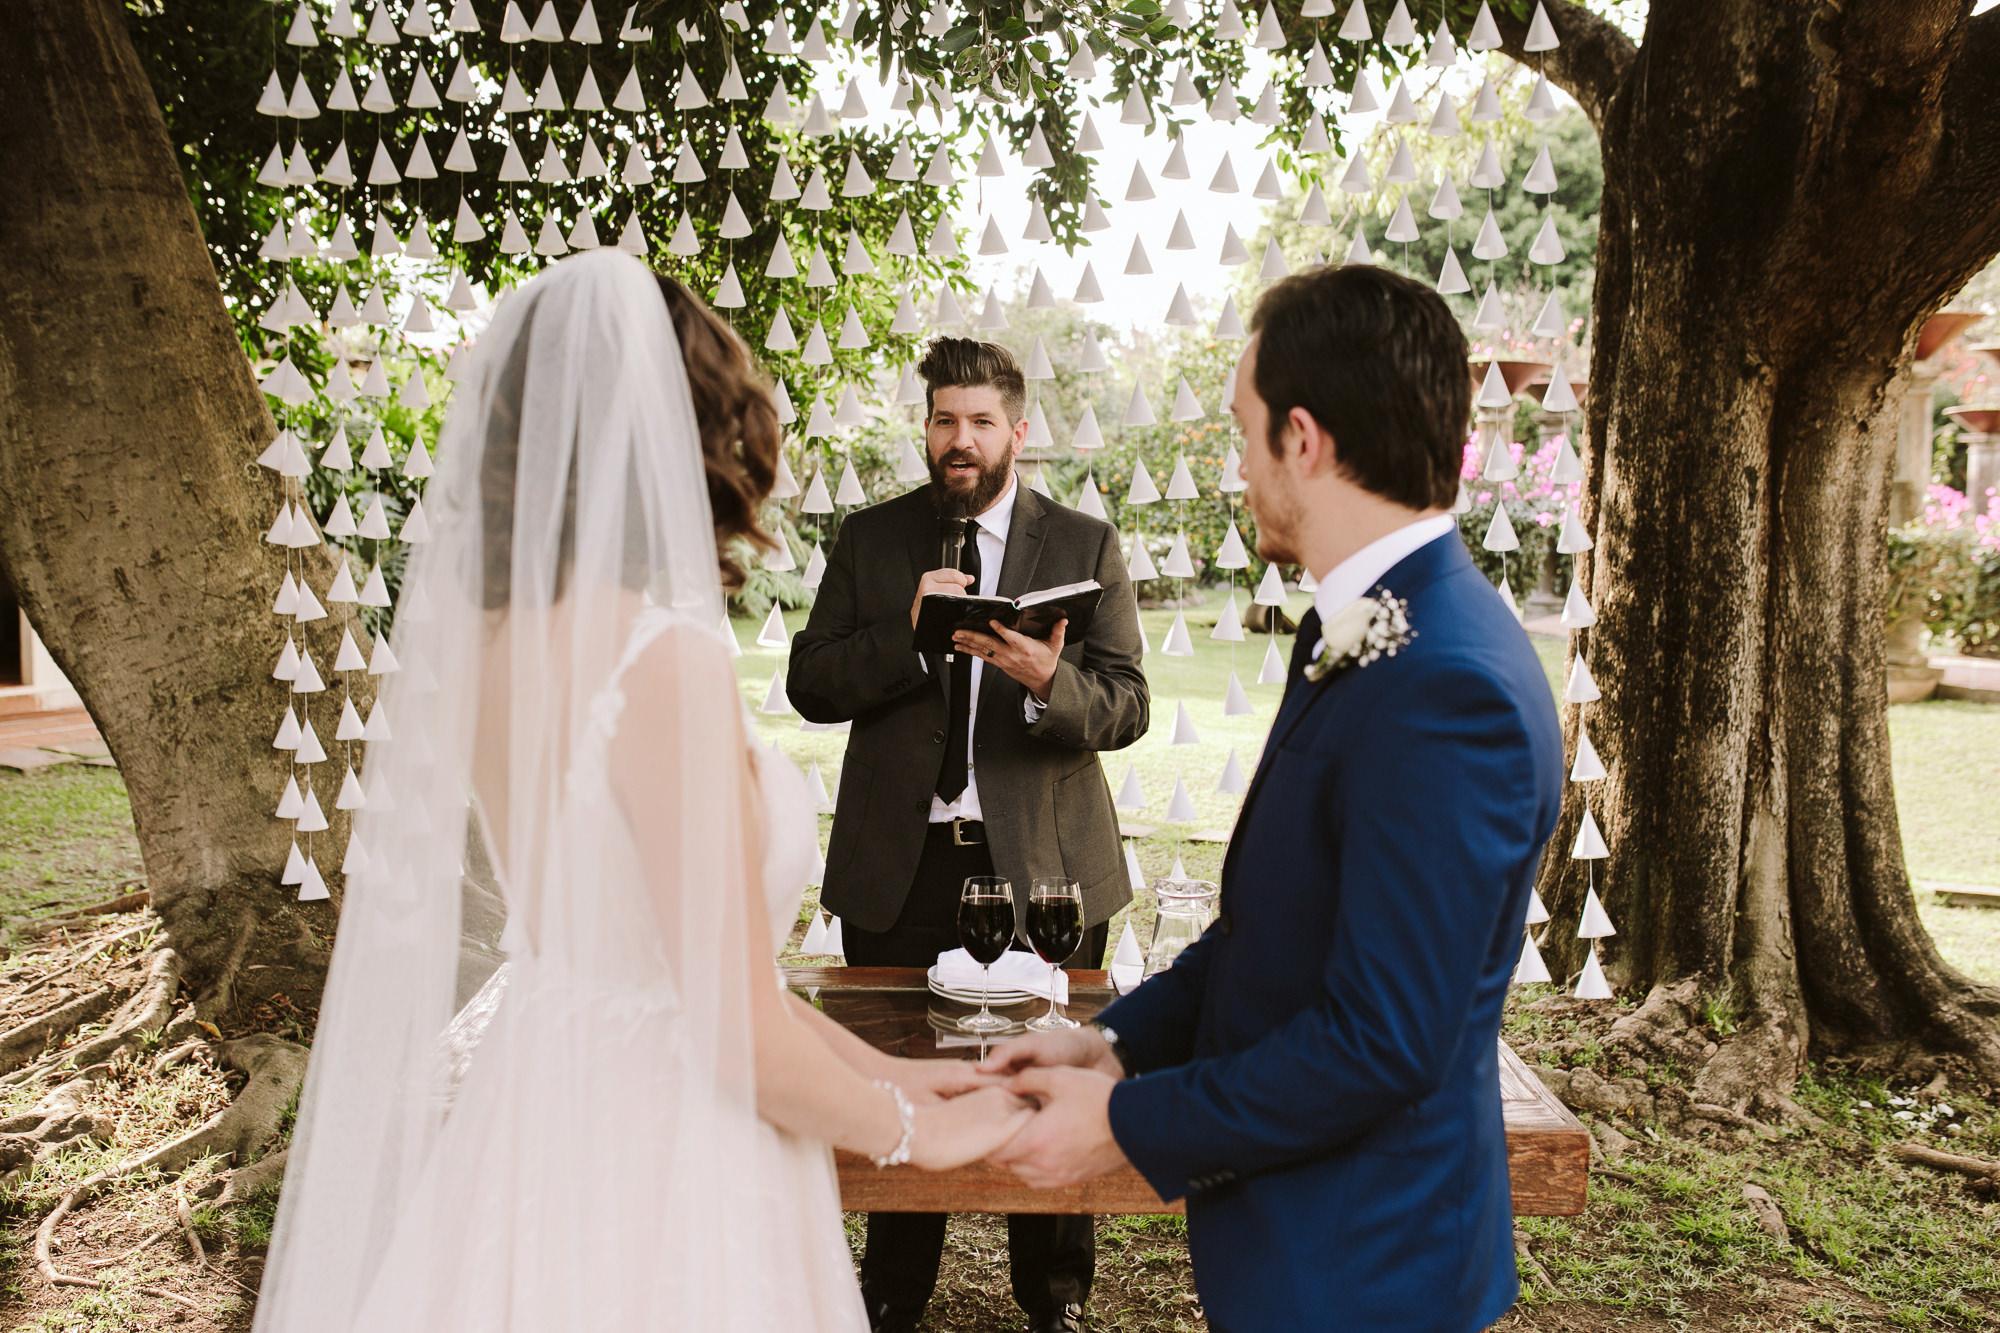 bodas_en_tepoztlan_casa_bugambilia_alfonso_flores_destination_wedding_photographer137.jpg